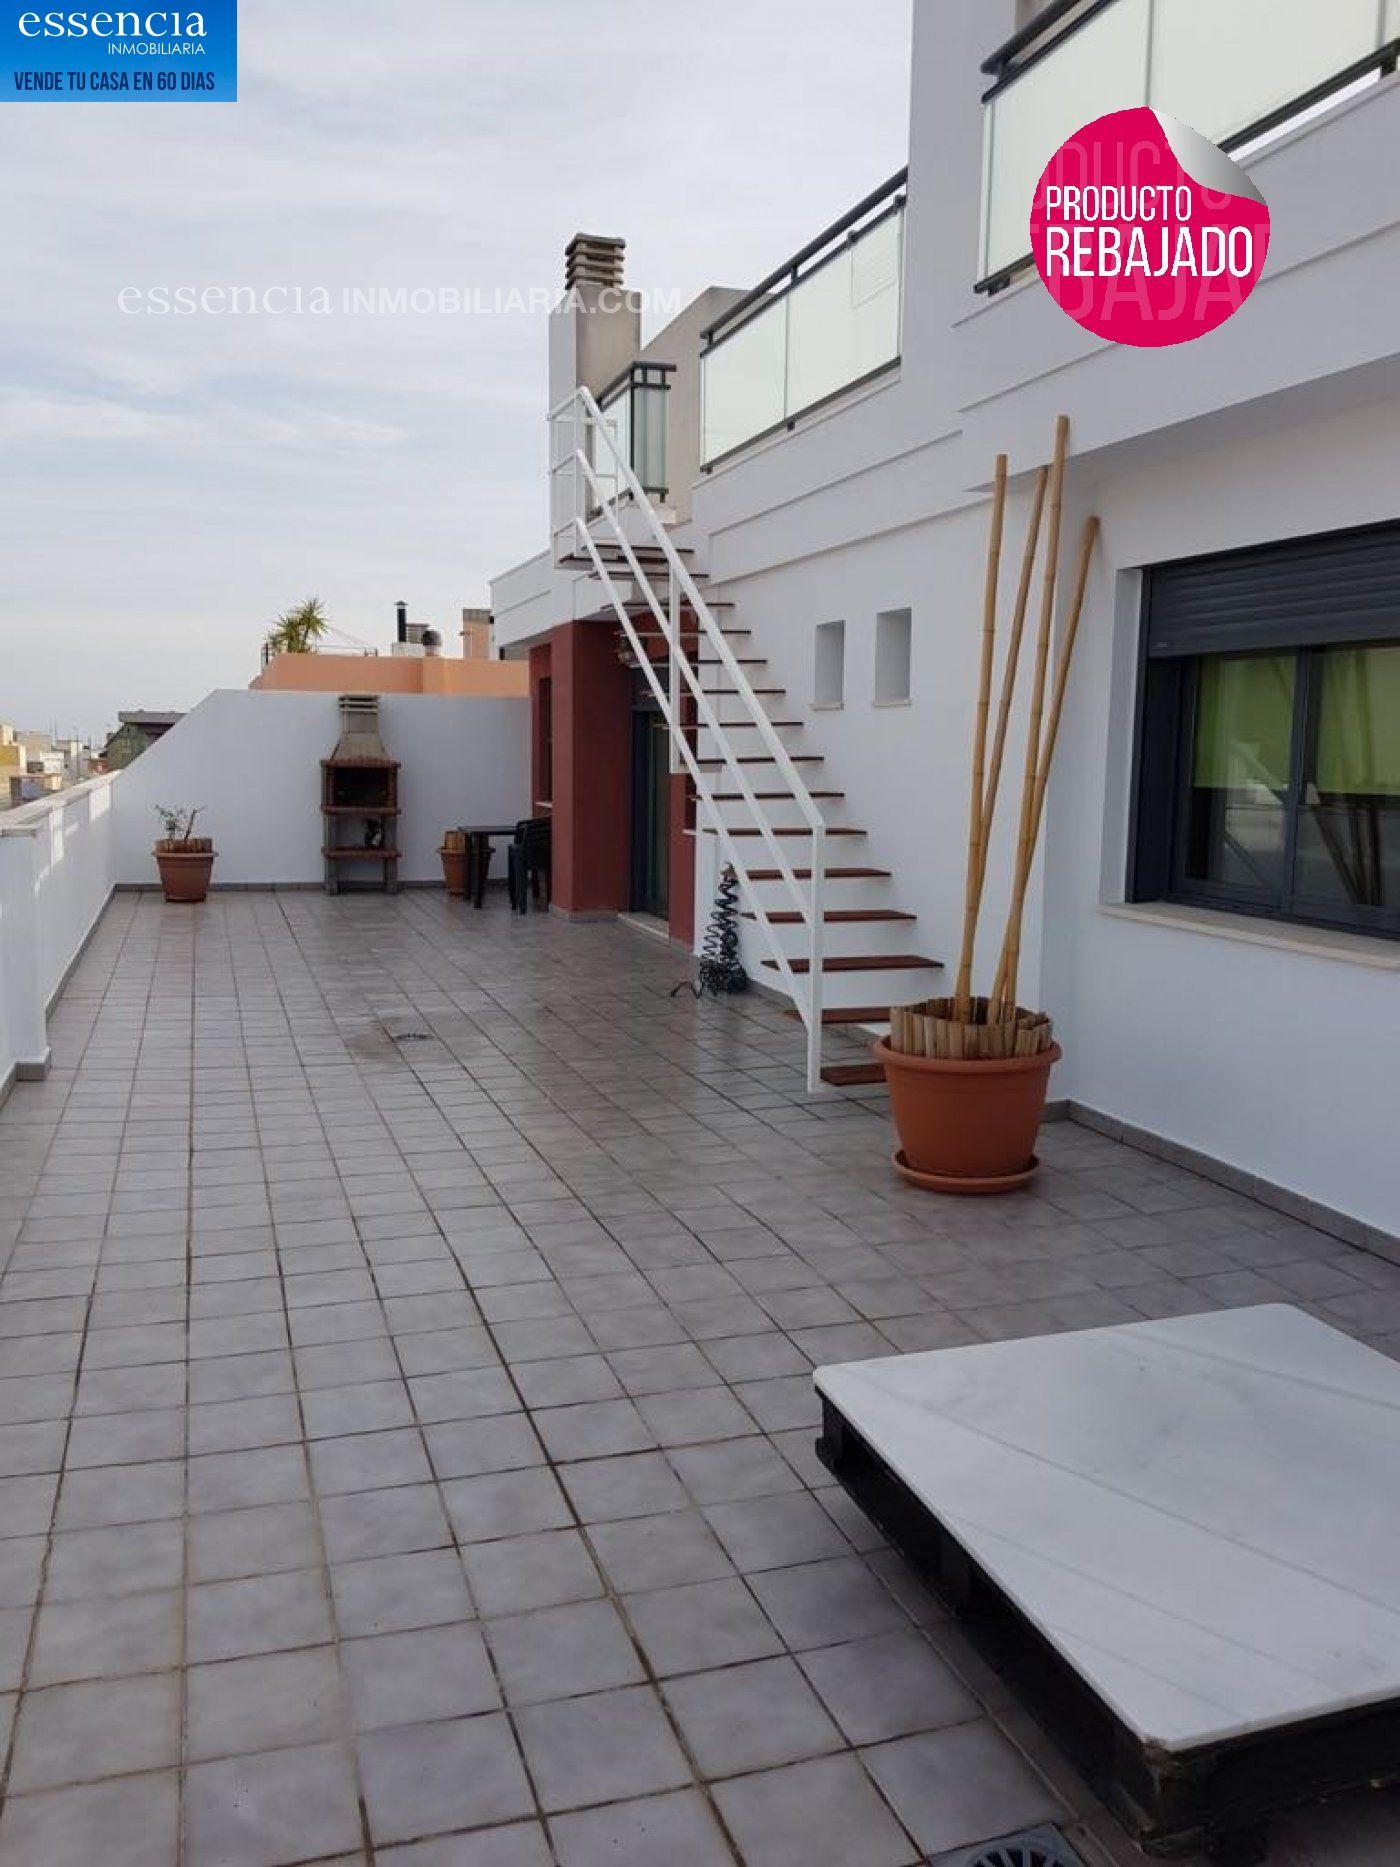 A?tico en gandia con terraza 63 m2 hasta donde alcanza la vista - imagenInmueble0